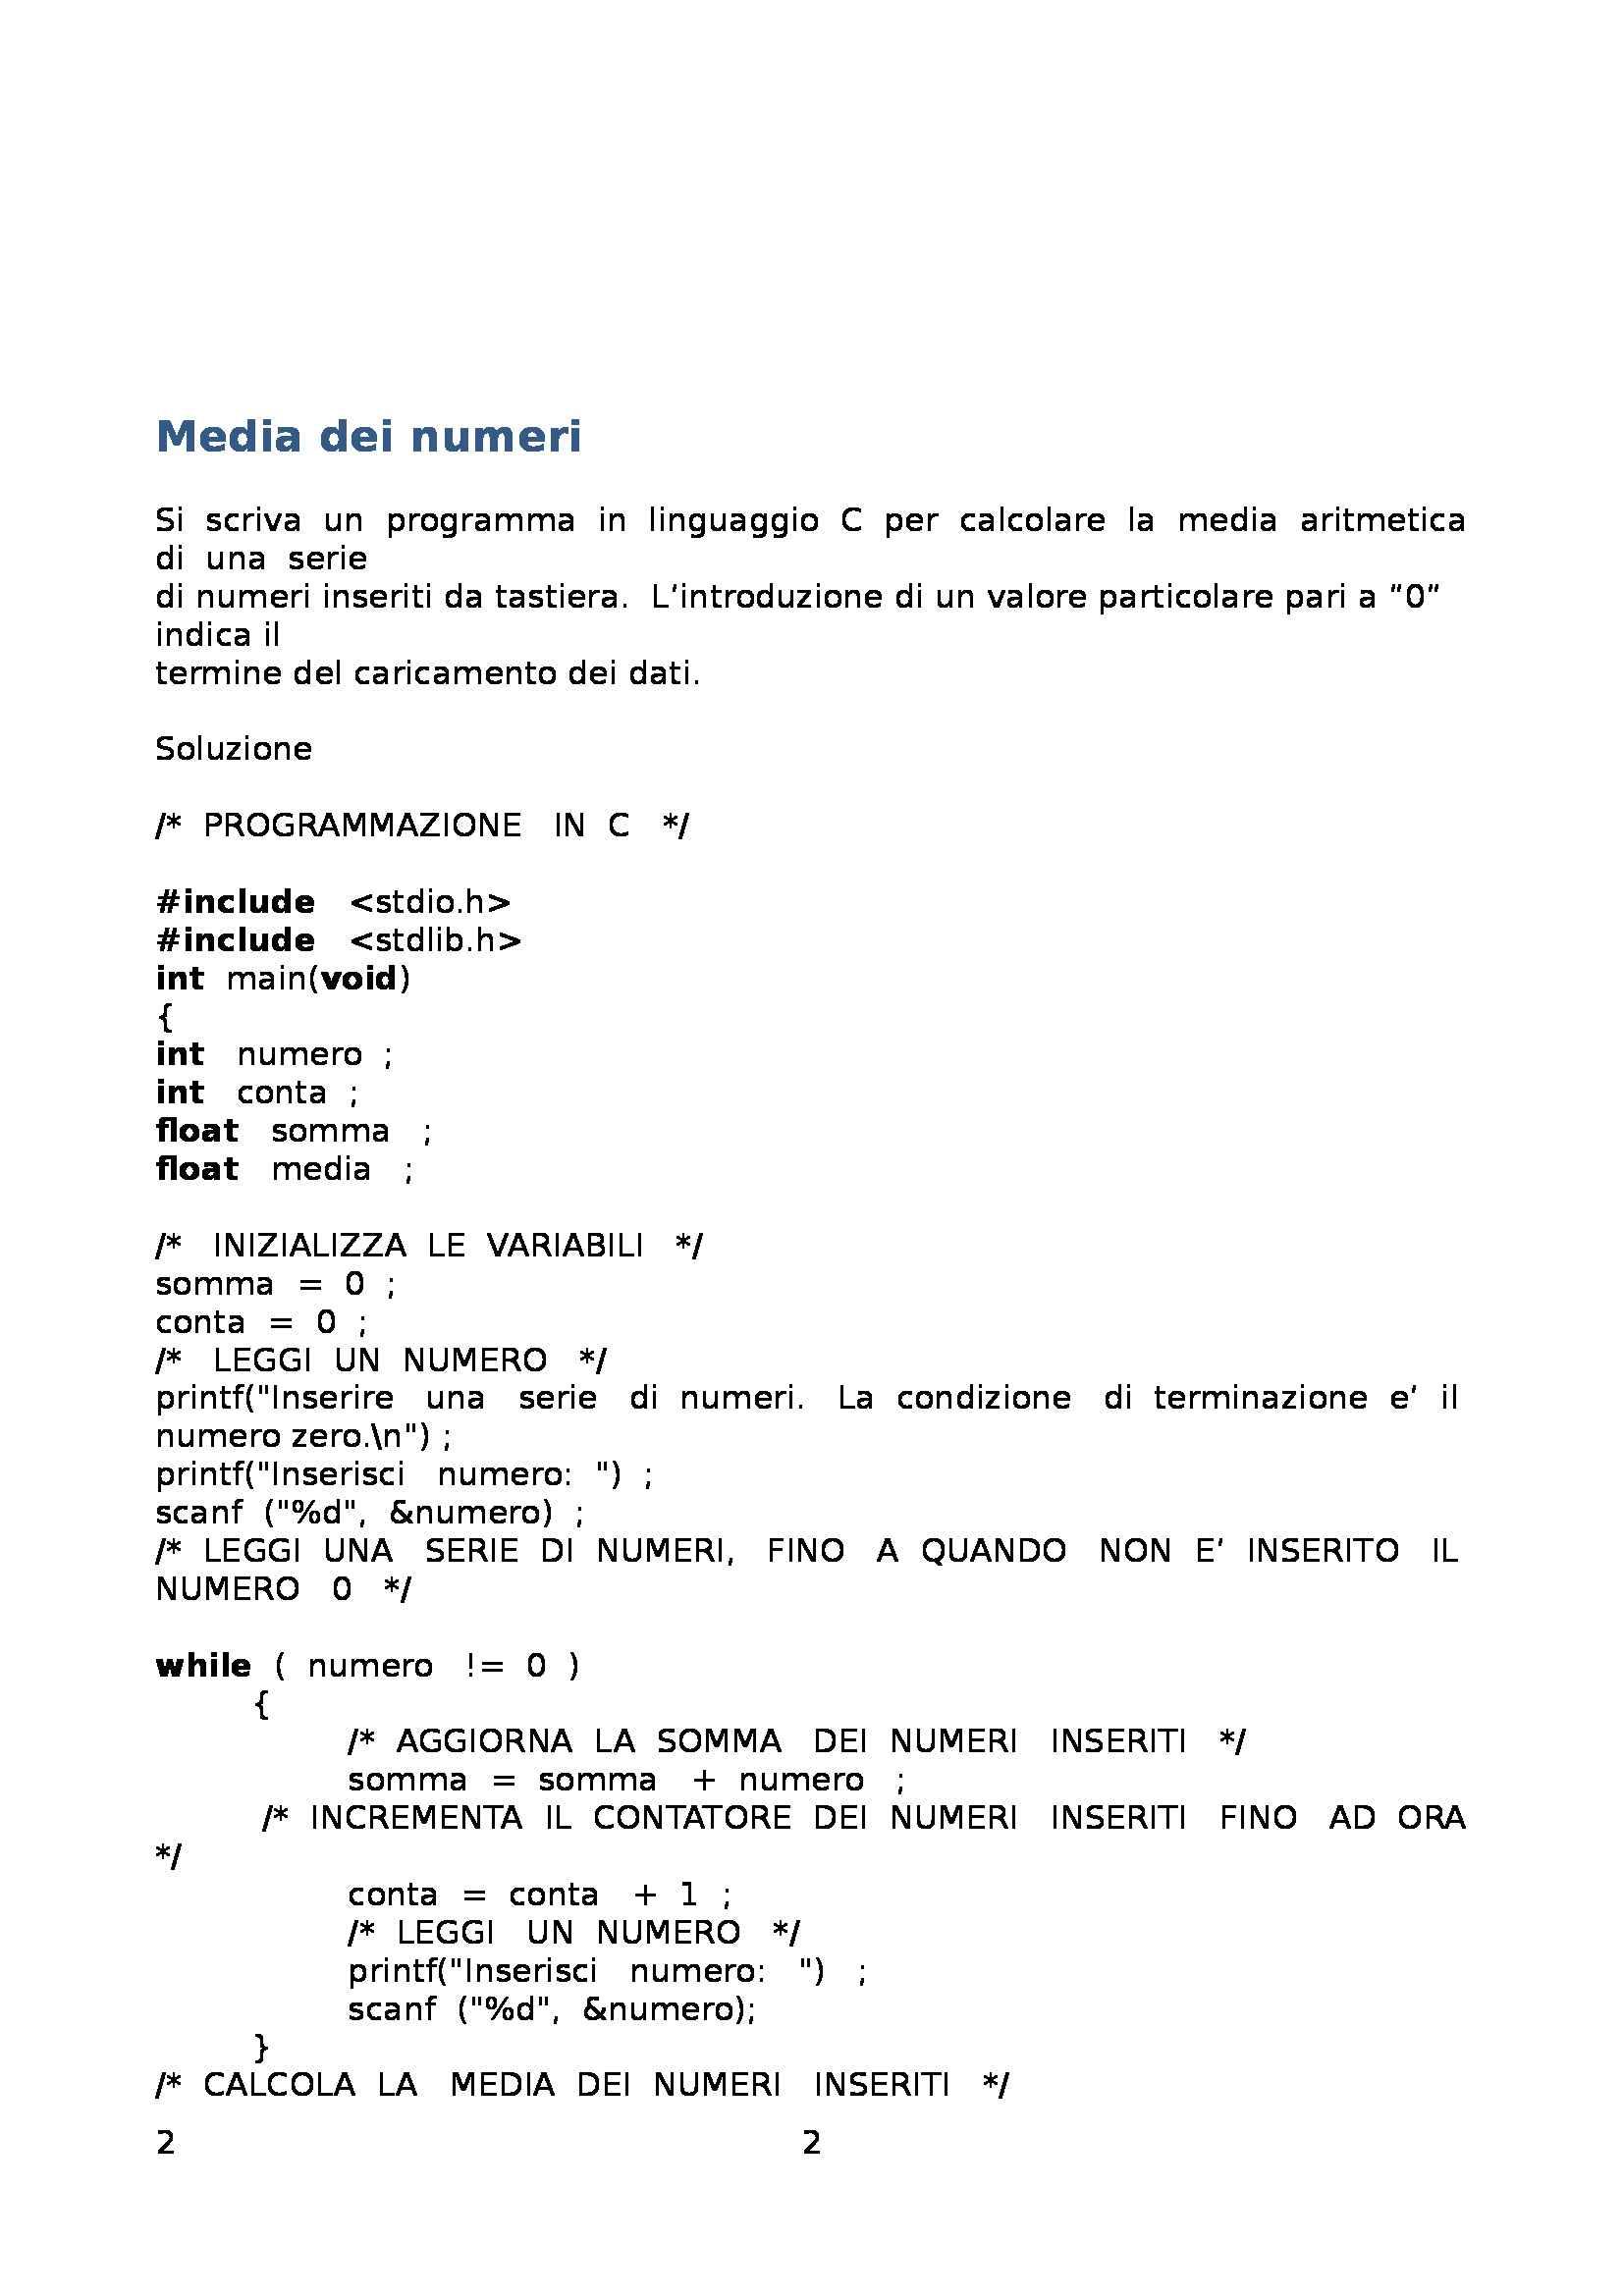 Fondamenti di informatica - Raccolta di esercizi svolti e commentati sul linguaggio di programmazione C Pag. 2